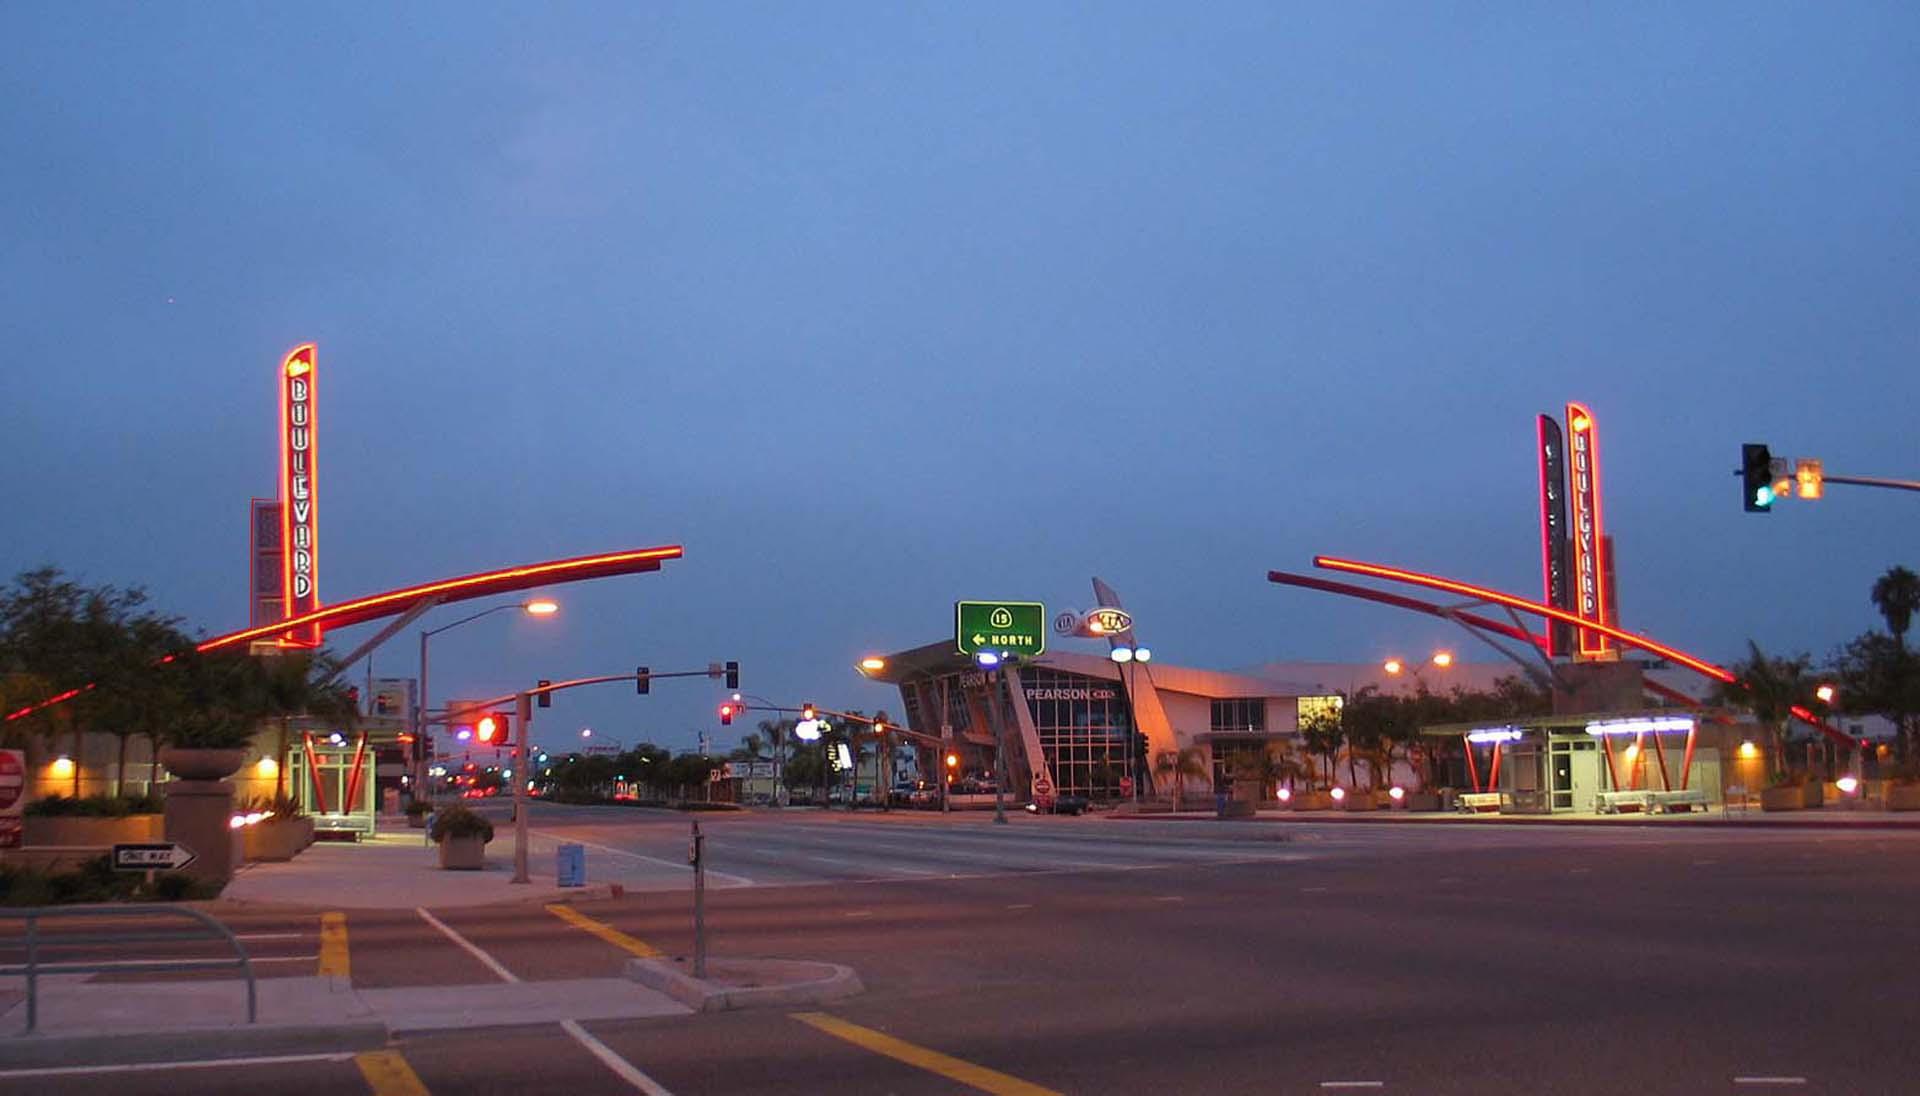 El Cajon Boulevard Transit Plaza Gateway